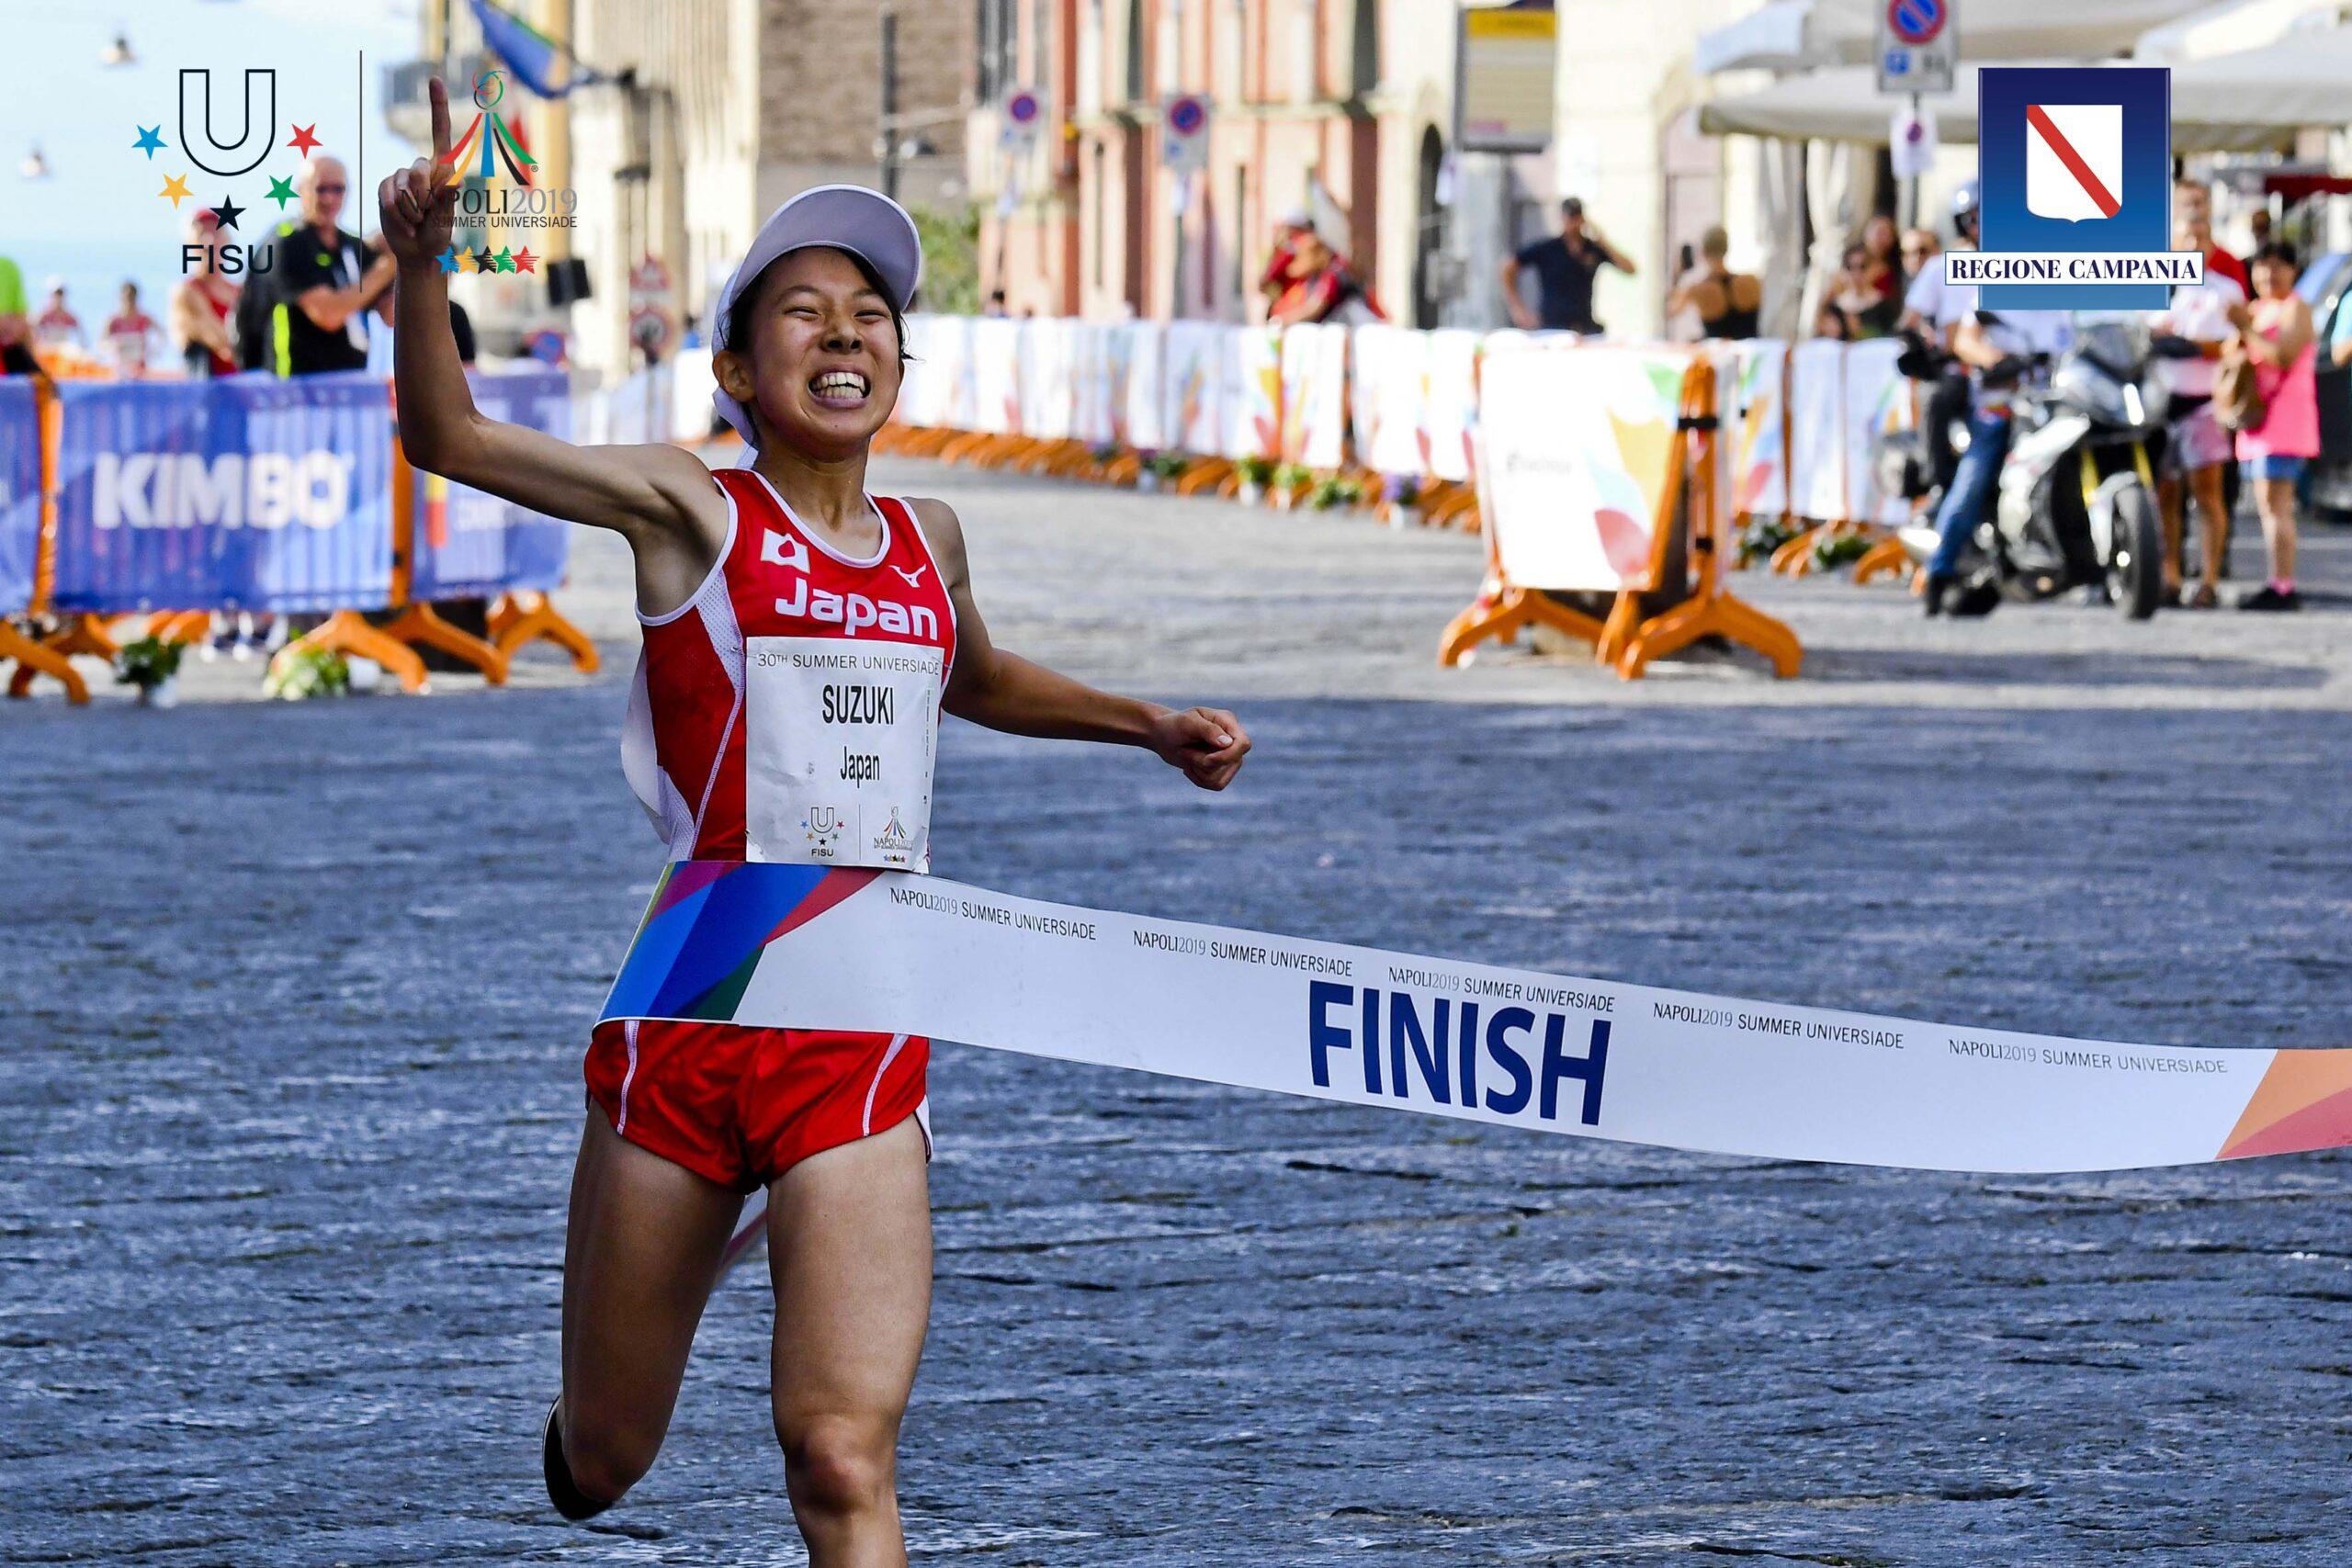 Tripletta tutta del Giappone nella mezza maratona donne dell'Universiade Napoli 2019 . Al traguardo in piazza del Plebiscito dono arrivate, nell'ordine, Suzuki, Tagawa e Kaseda 13 luglio 2019 ANSA / CIRO FUSCO